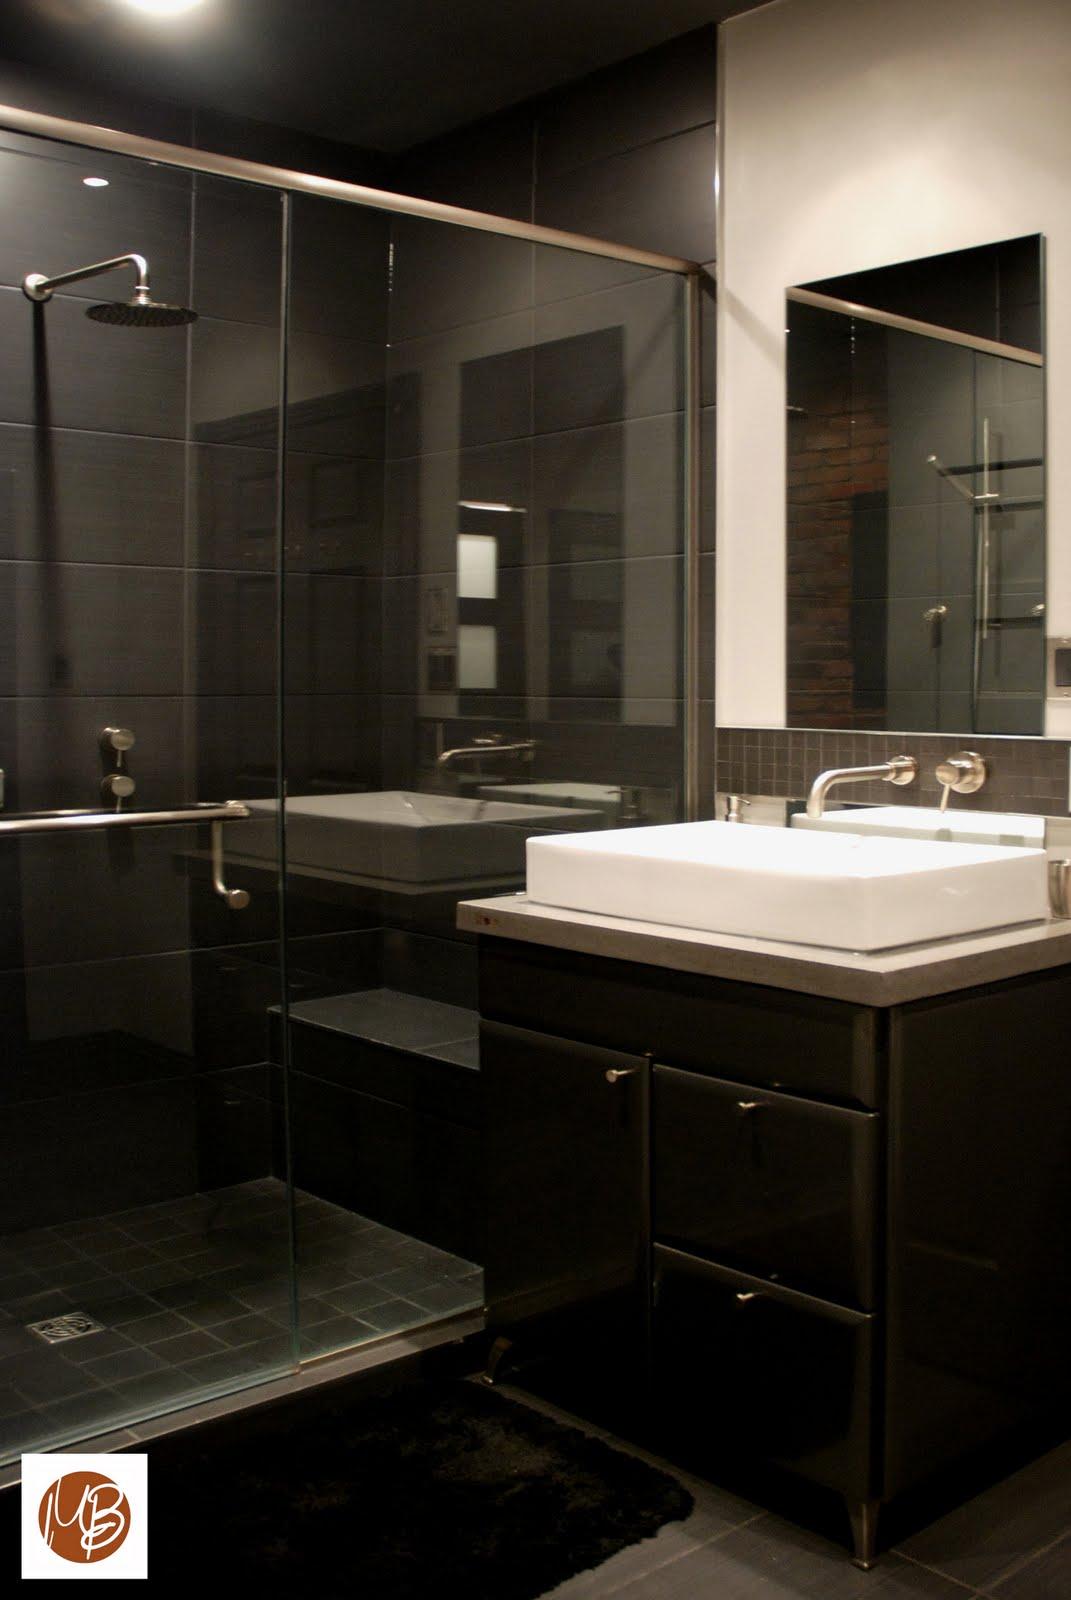 L 39 espace d co salle de bain en milieu urbain for Salle bain ceramique